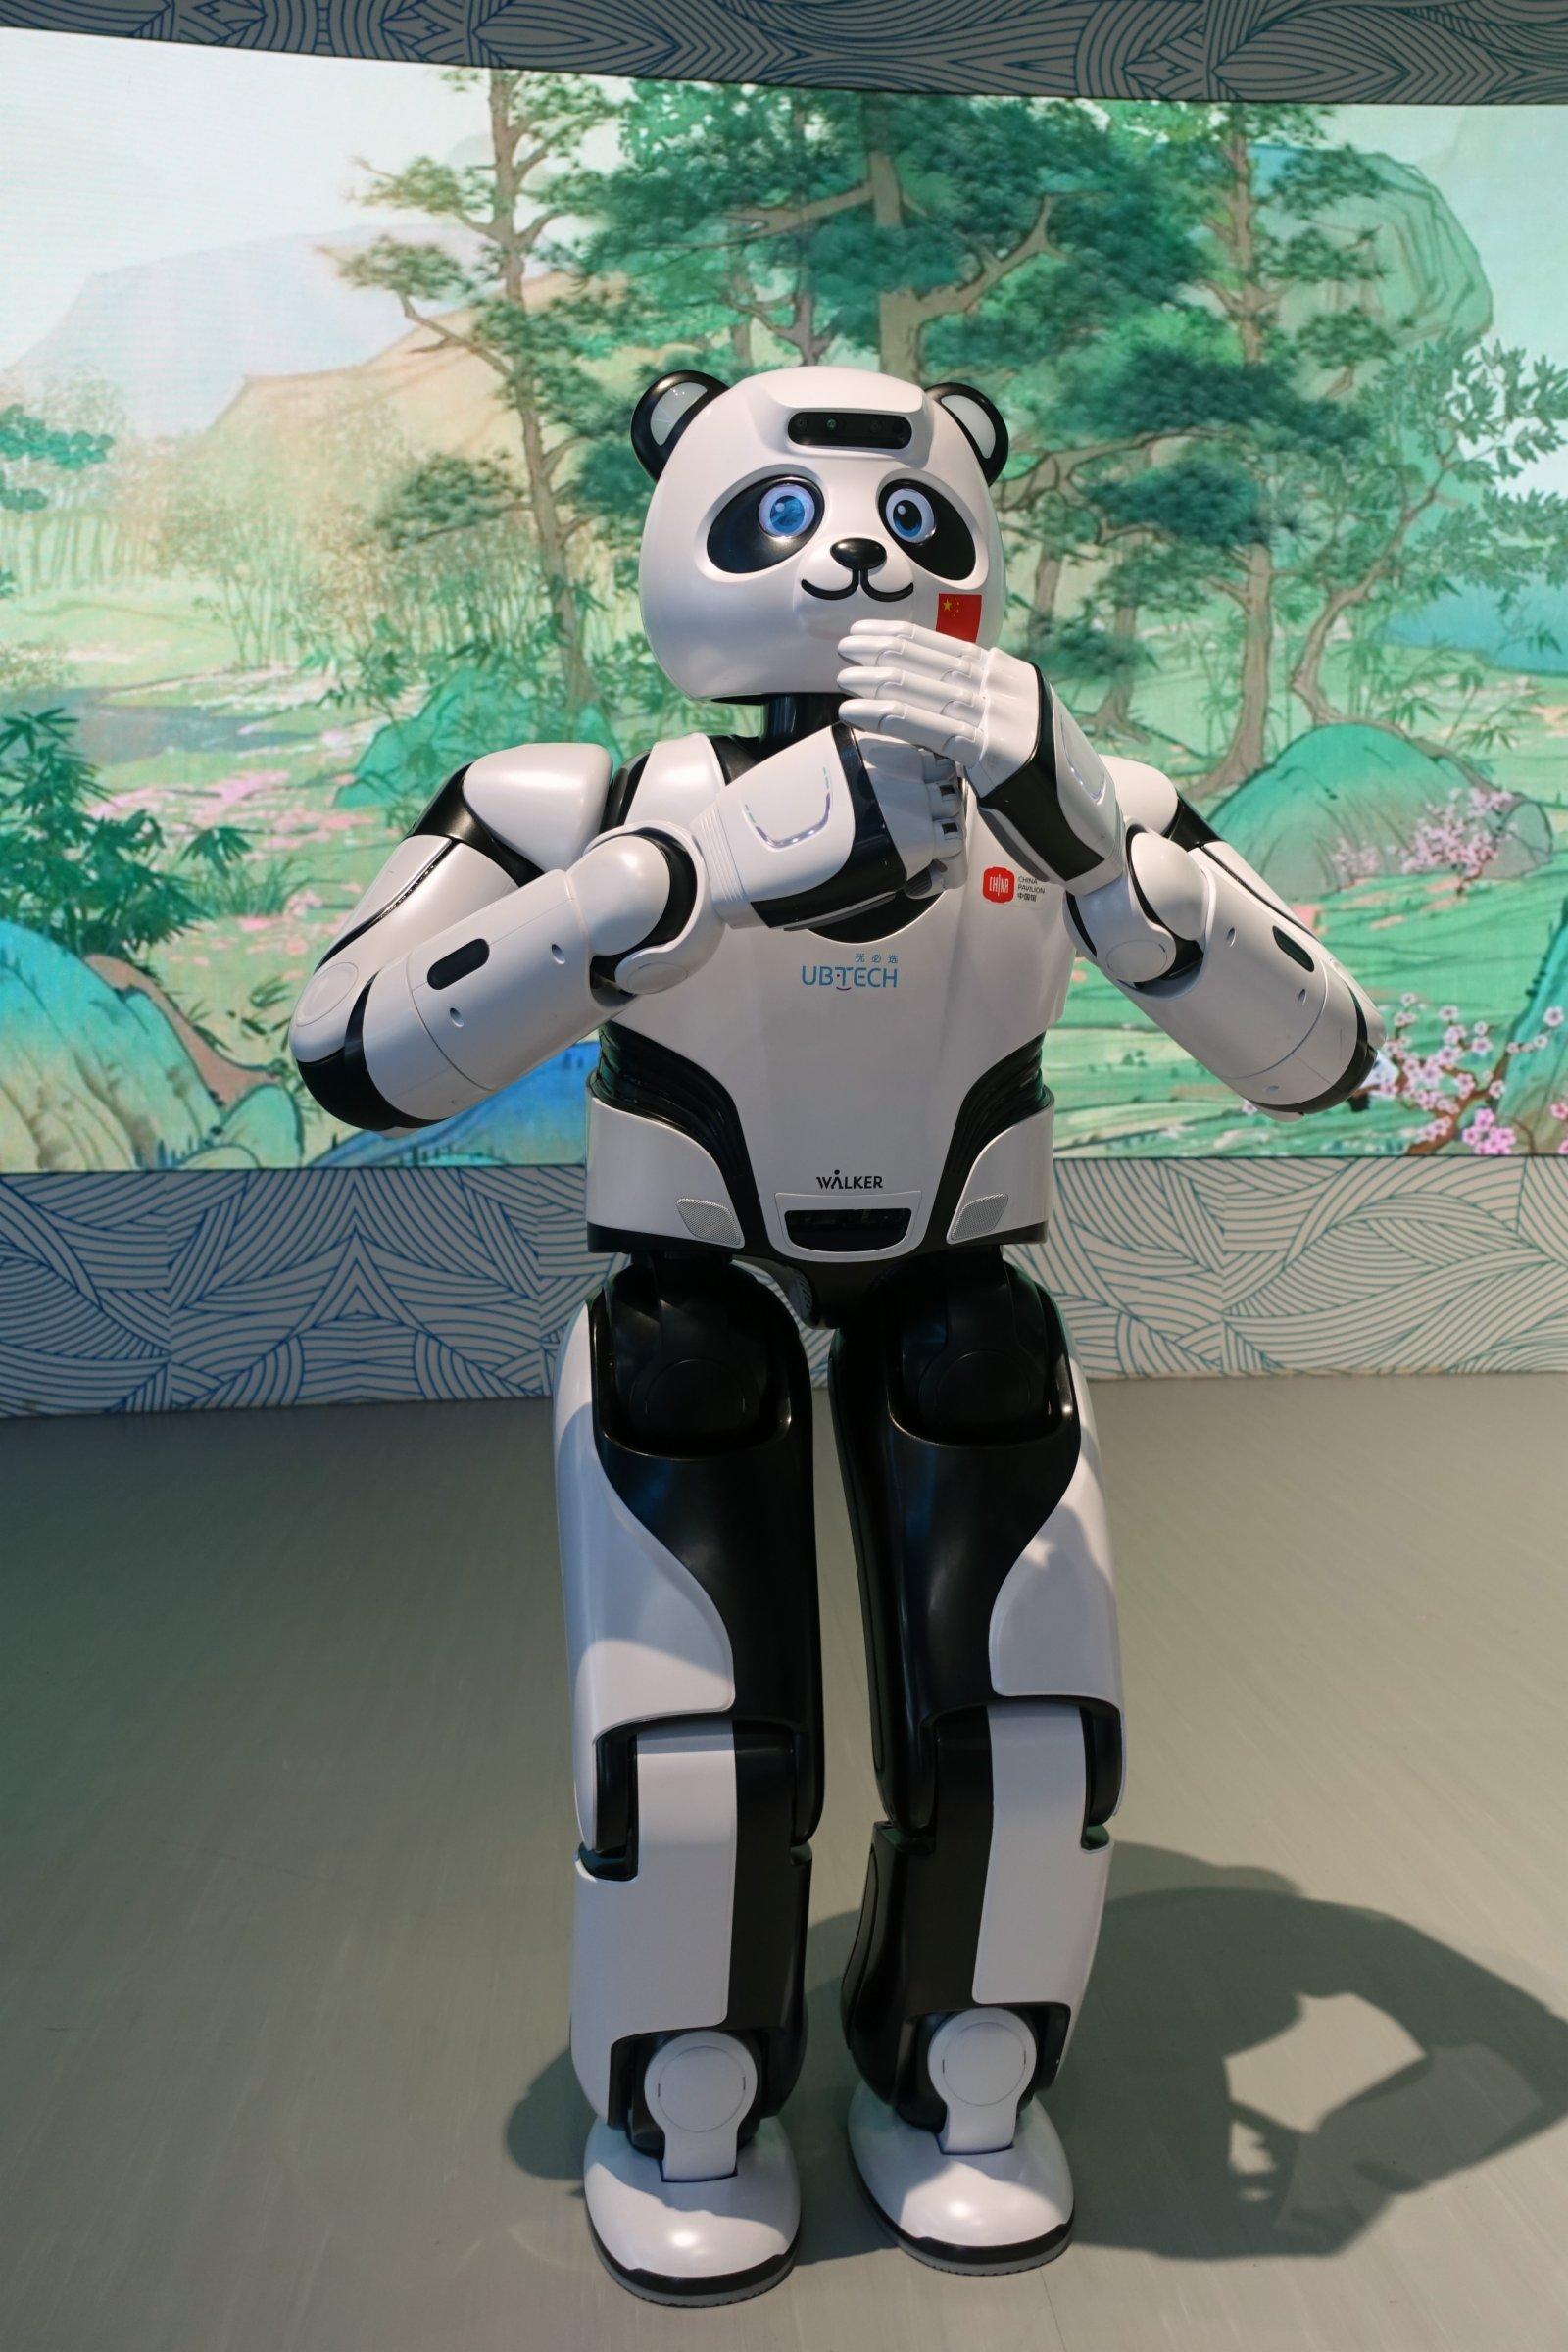 優必選公司的智能機器人優悠在迪拜世博會中國館迎接訪客。它在中國館提供導覽講解服務,還會表演太極、瑜伽、舞蹈等技能。(新華社)